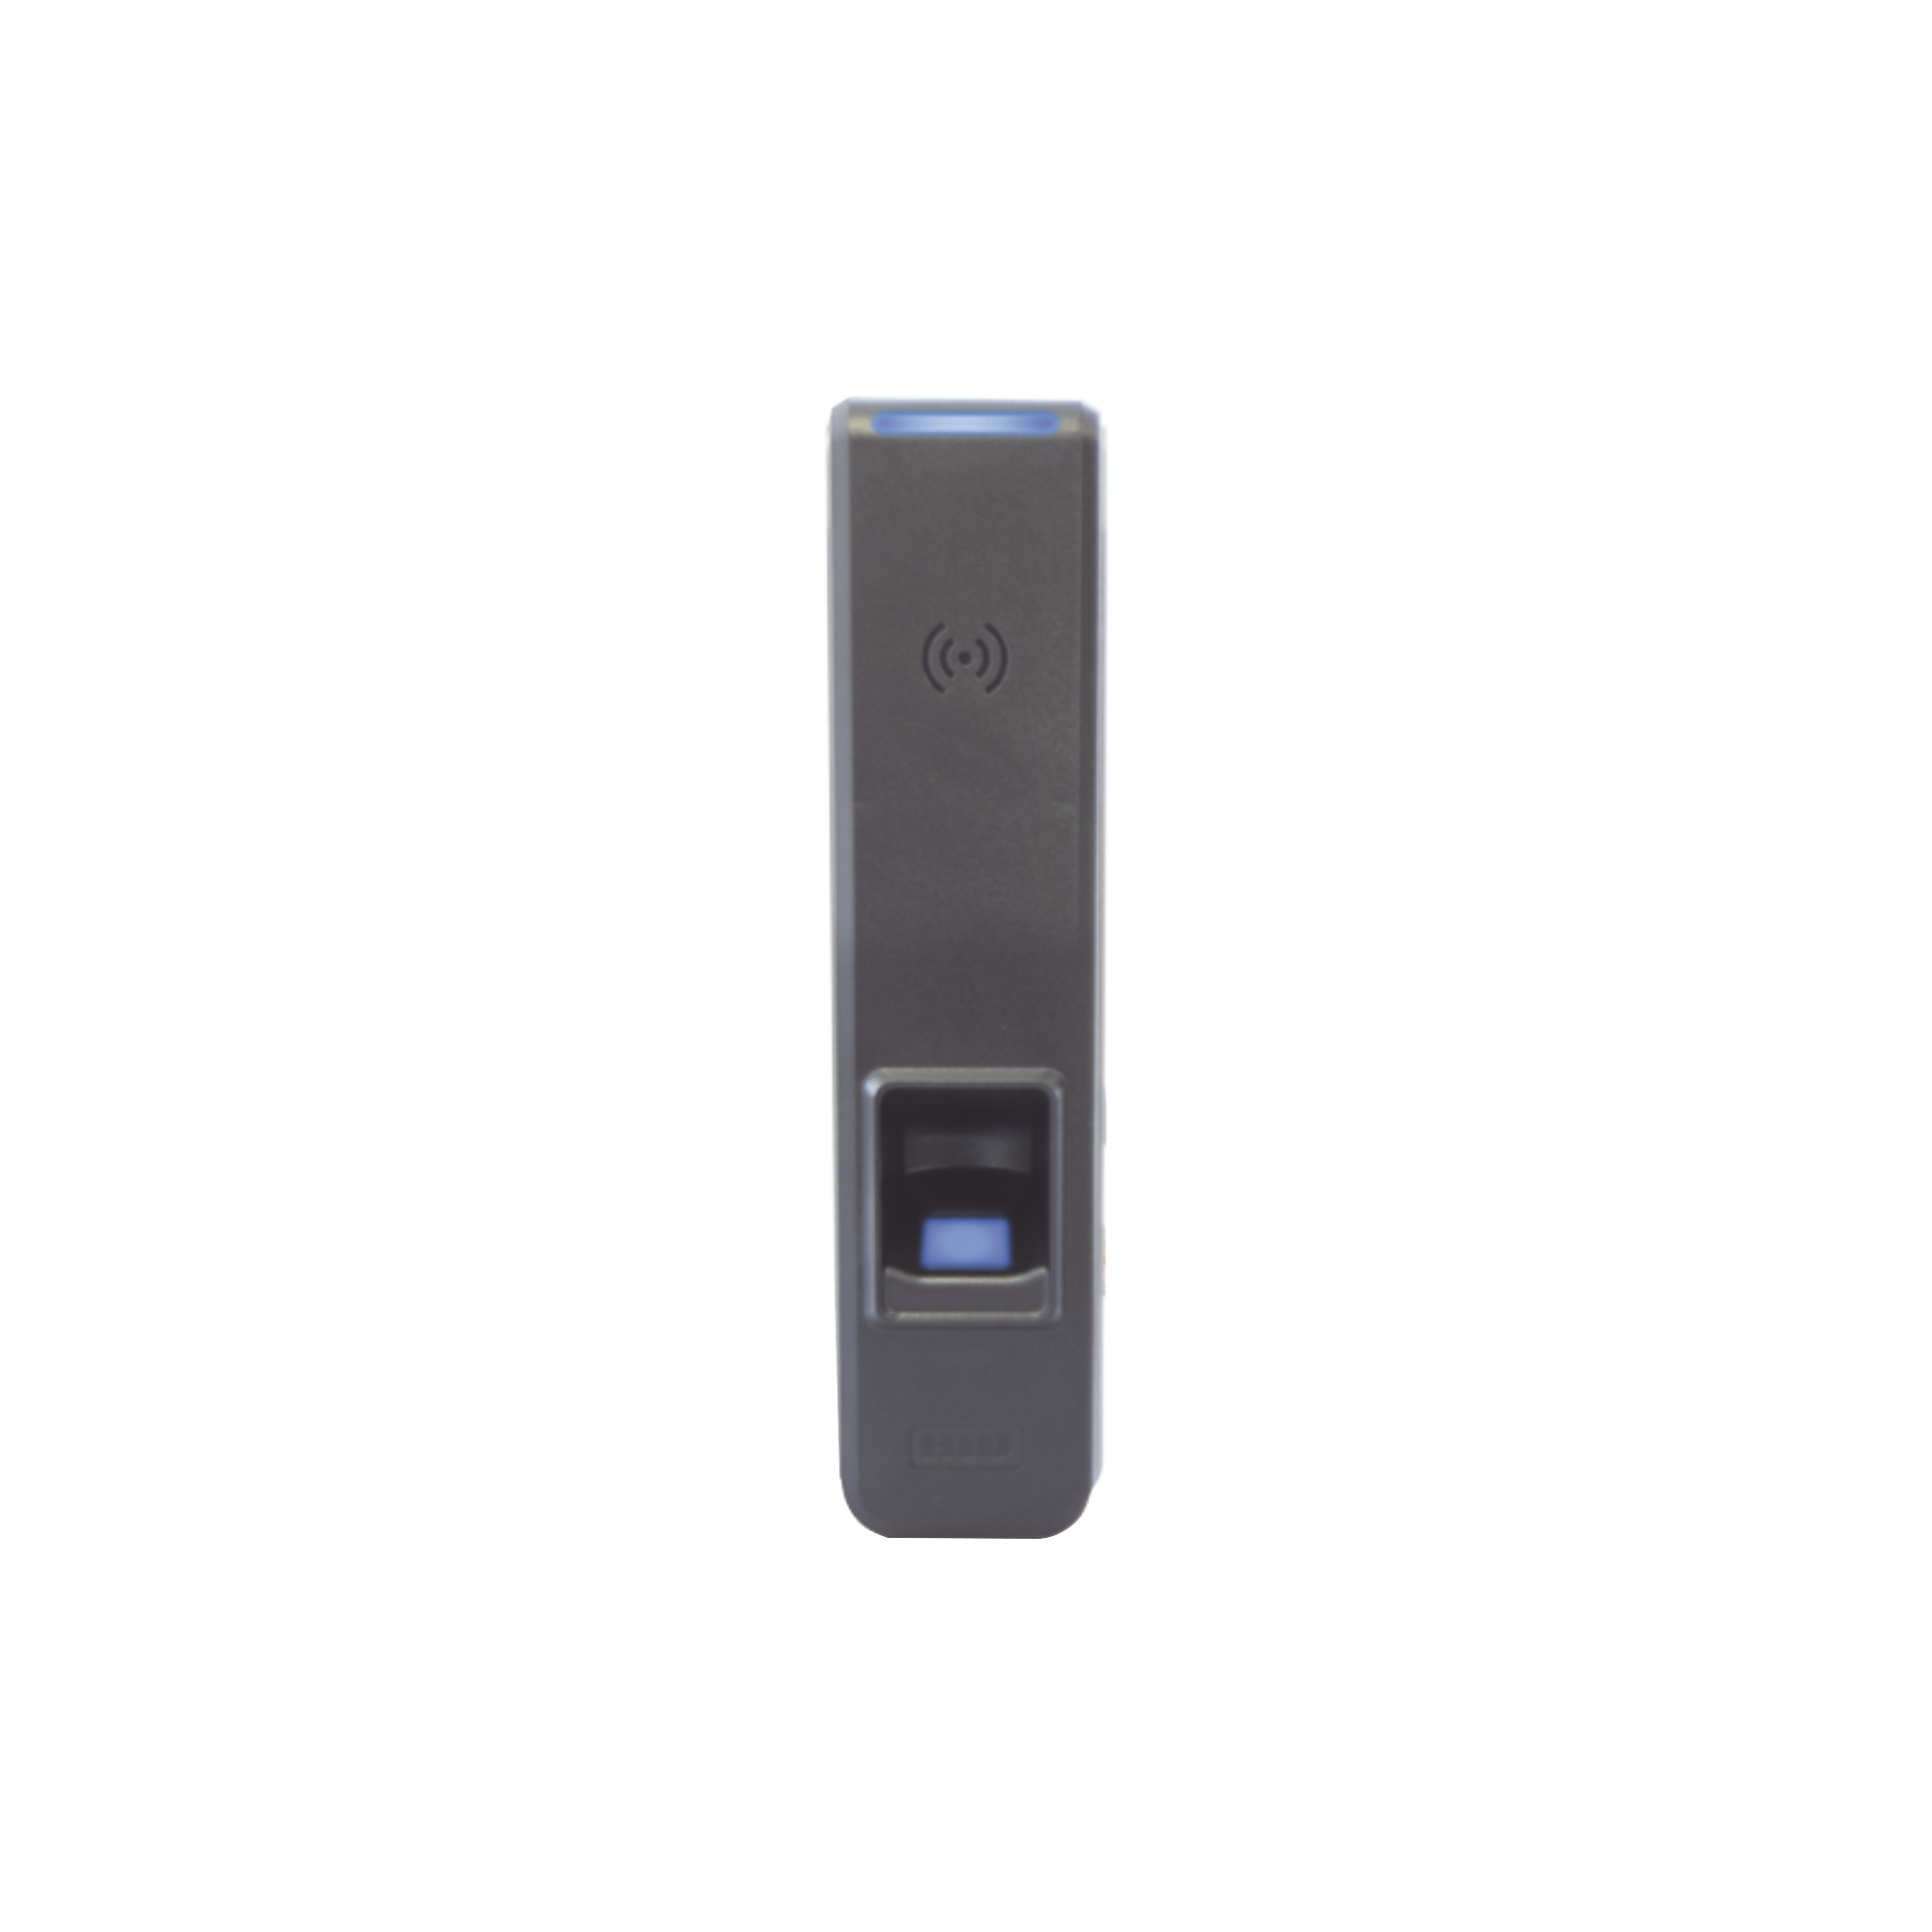 Lector de Huella Latente y Dedo Vivo (99.9% Confiabilidad)/ Compatible con Tarjetas SEOS (No clonable) Físicas o Móviles/ 25BNKS-10-000000